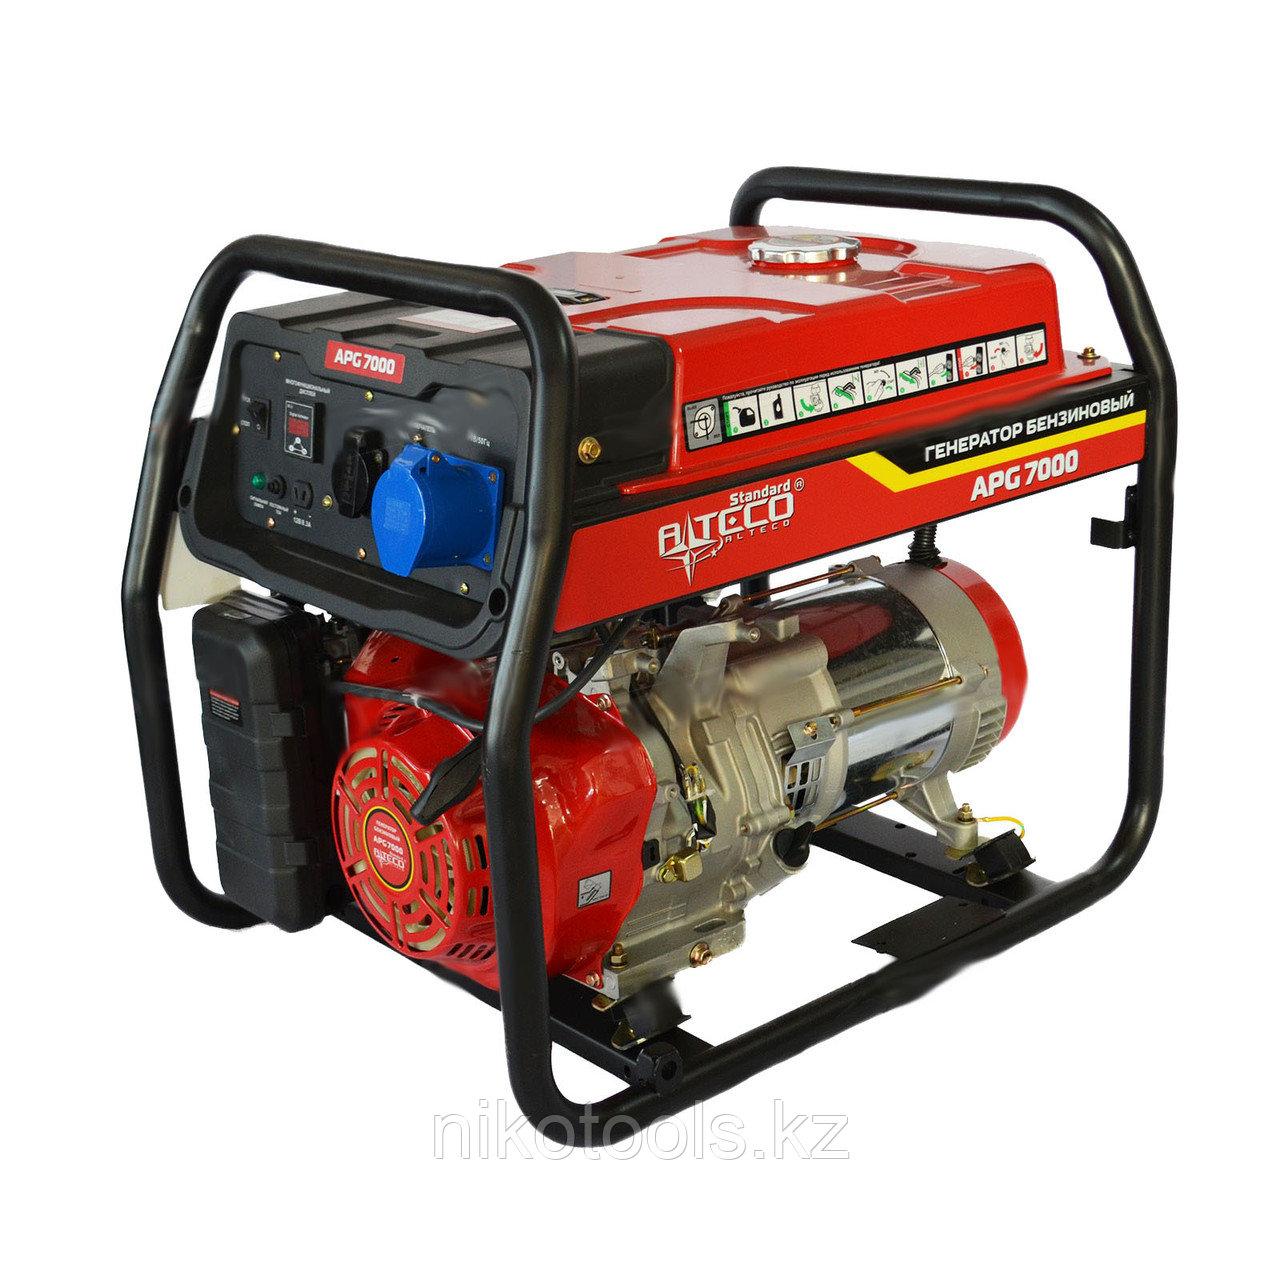 Бензиновый генератор ALTECO APG 7000 (N)